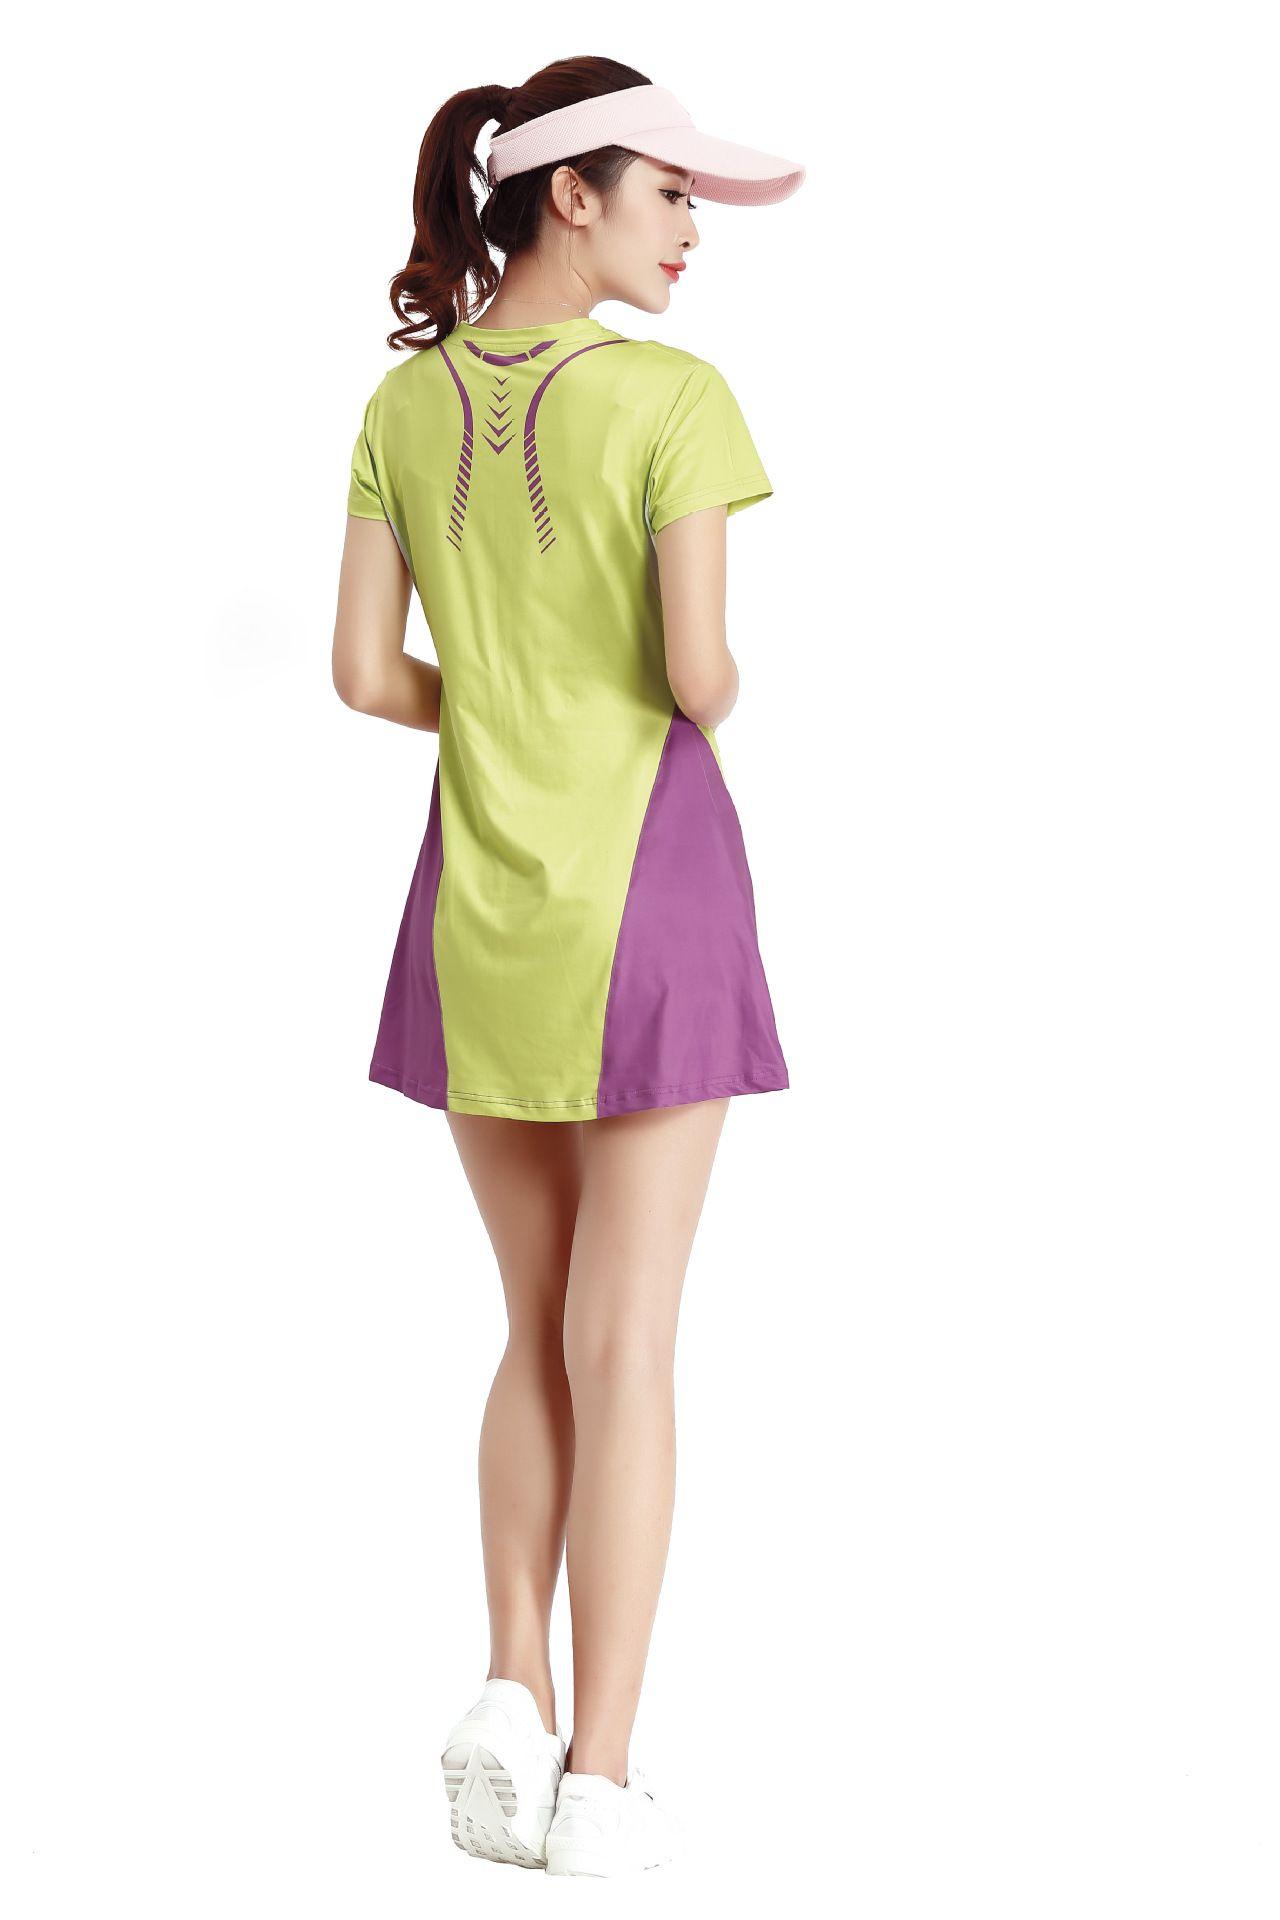 Лето новый бадминтон платье костюм тонкий теннис юбка команда спортивная юбка бадминтон платье спортивная юбка 2 цвета